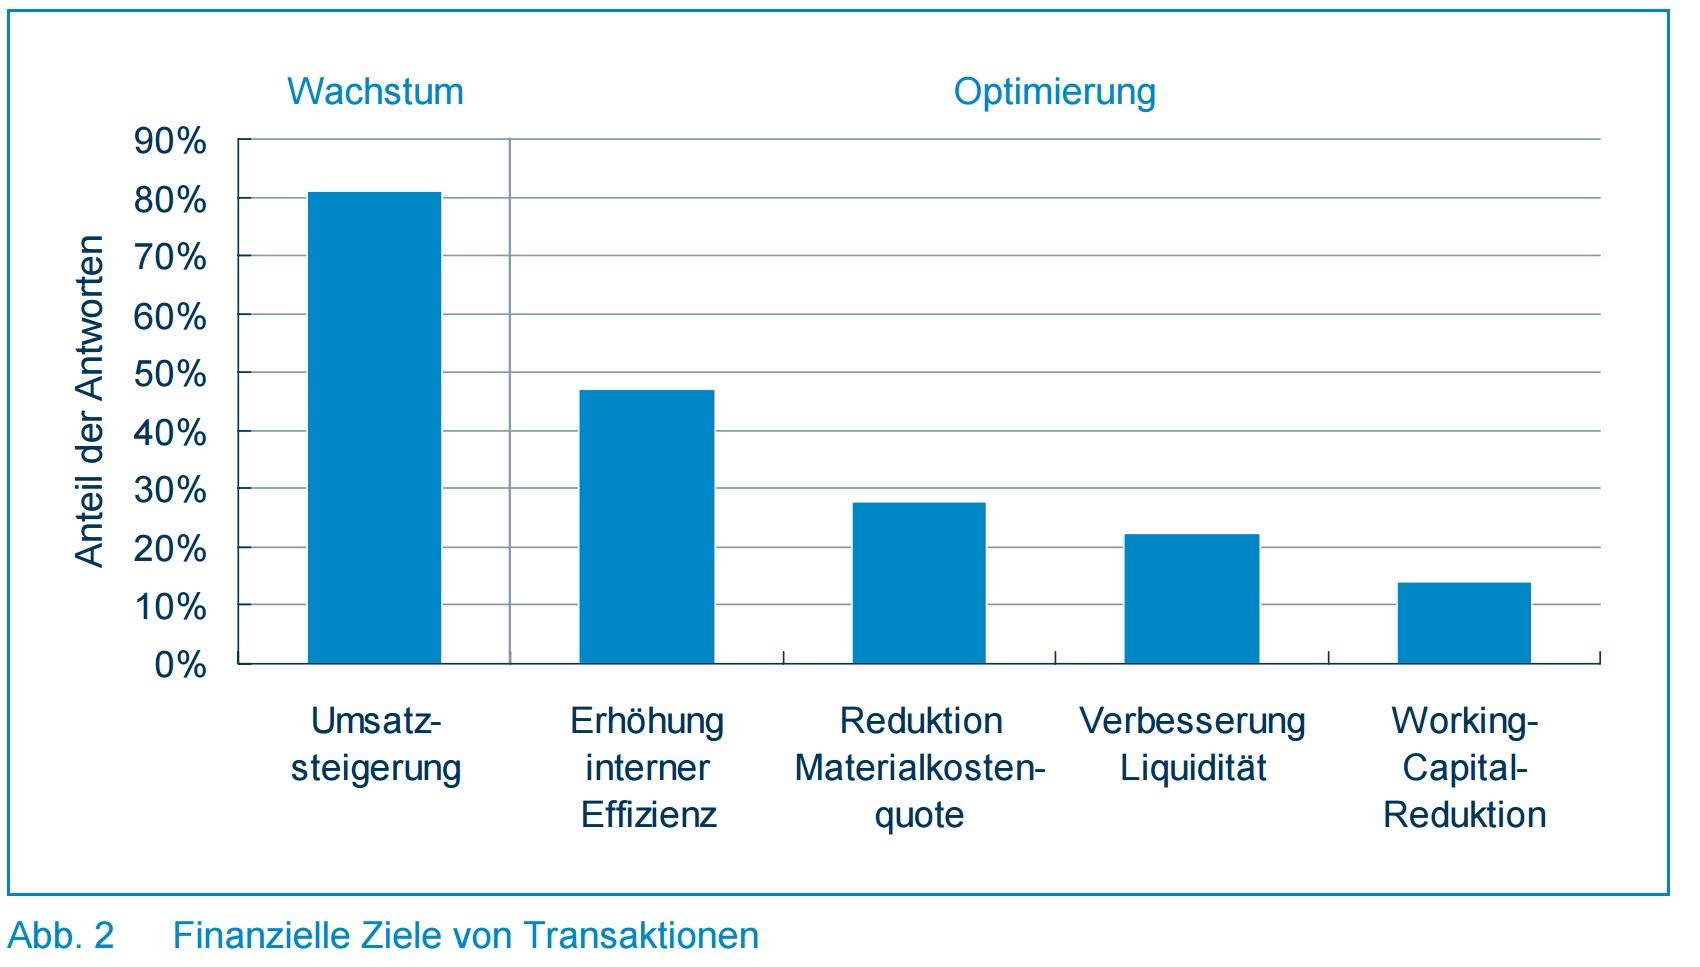 Finanzielle Ziele von Transaktionen